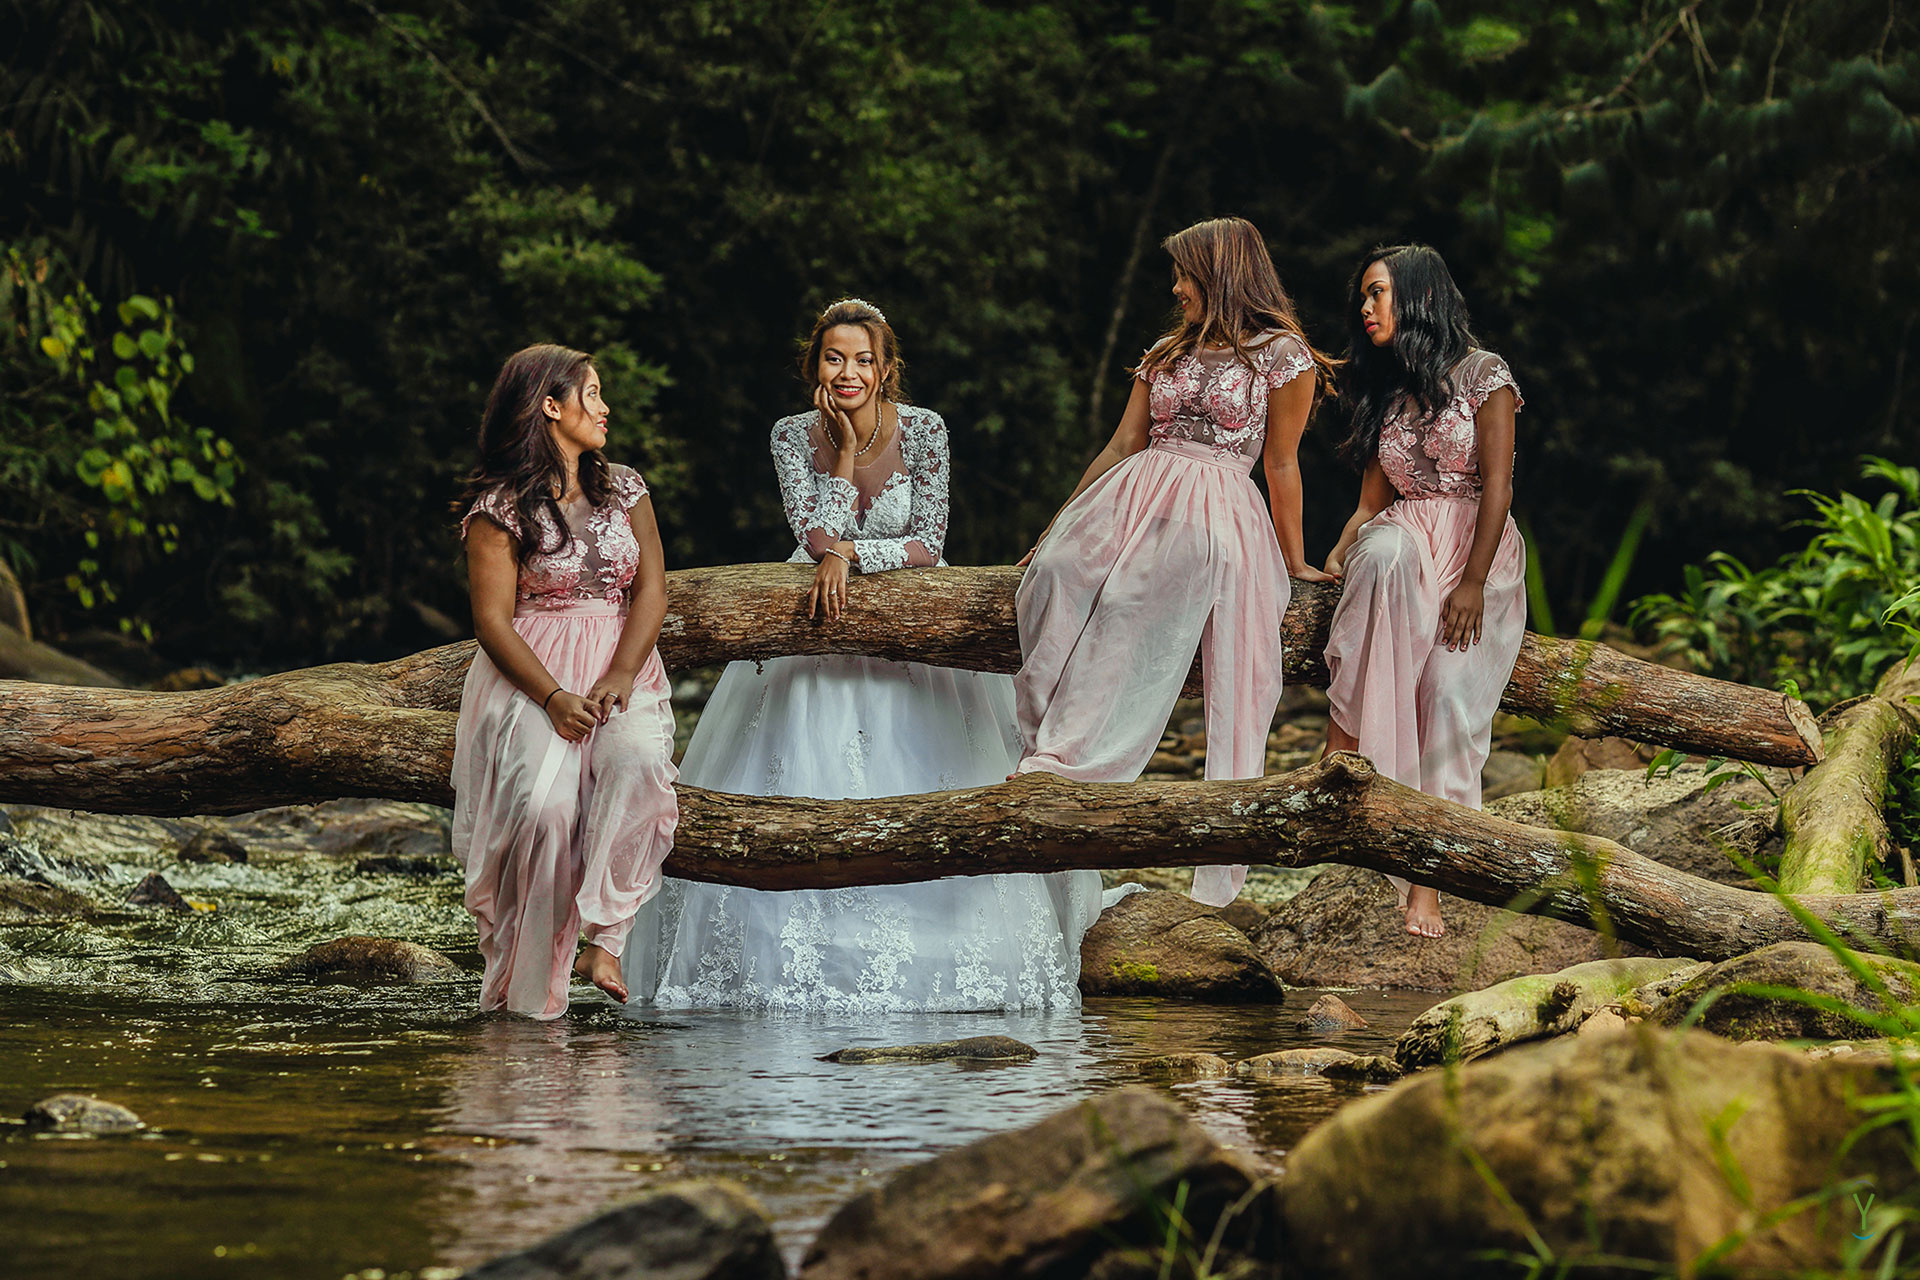 026_tina_lahony_trash_the_dress_17-09-20